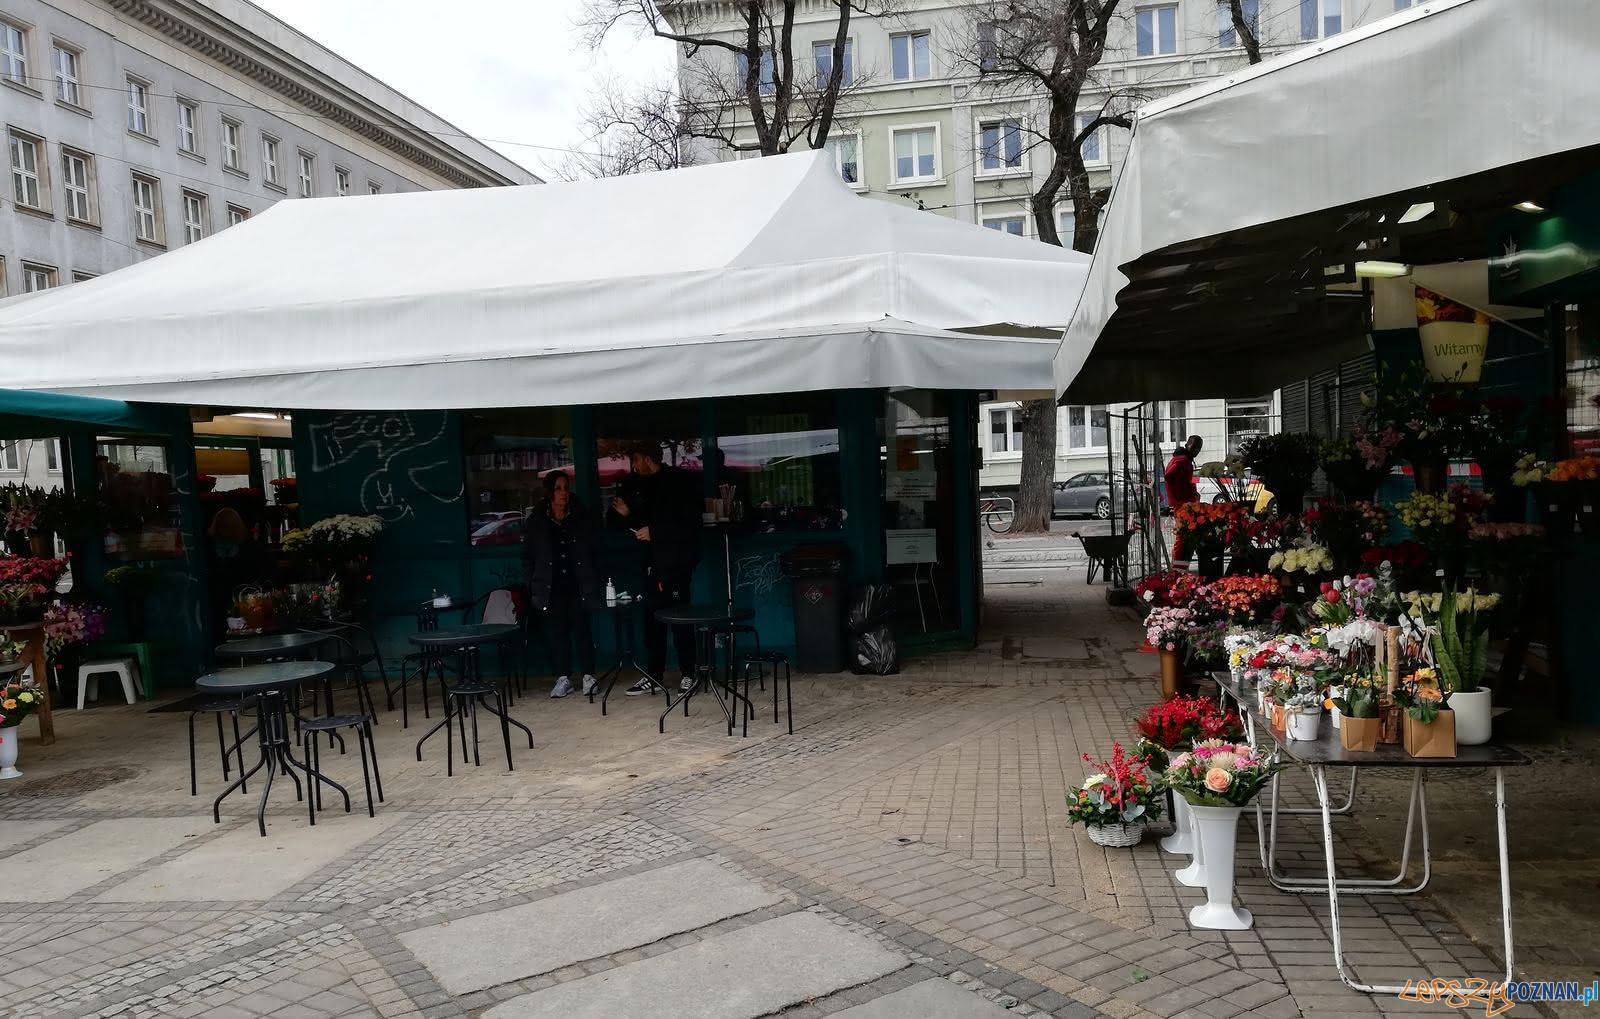 Pizzeria - Plac Wolności  Foto: T. Dworek